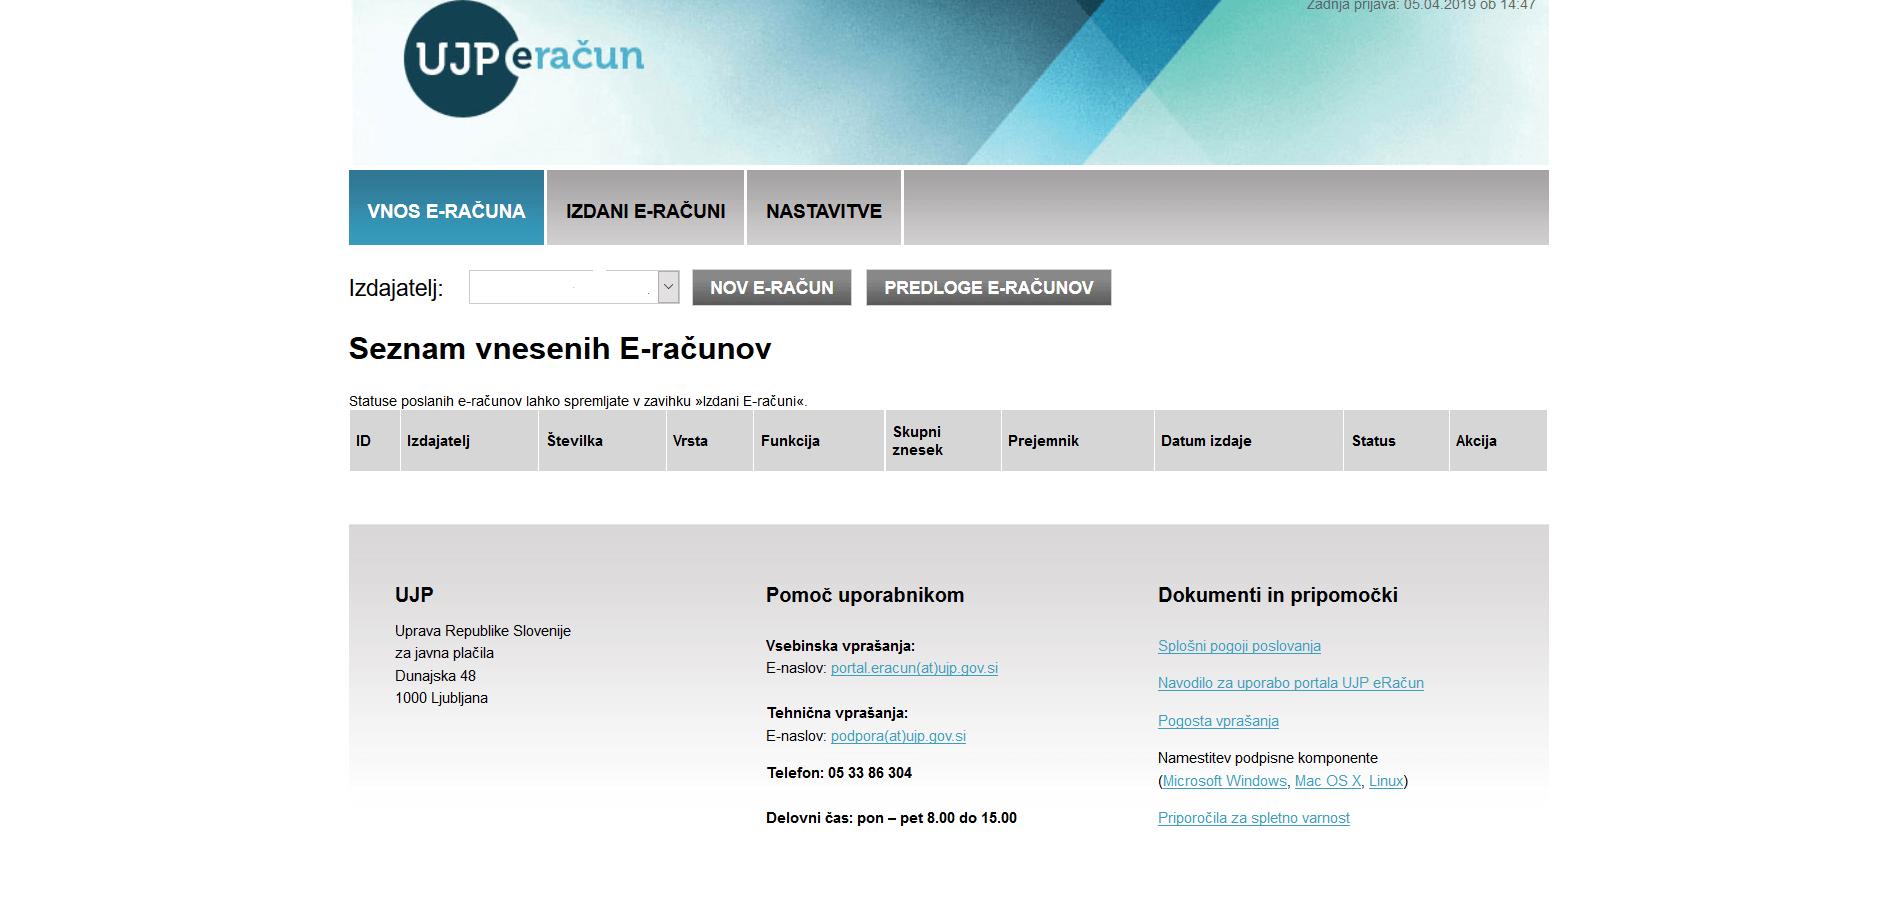 Začetna stran portala UJP